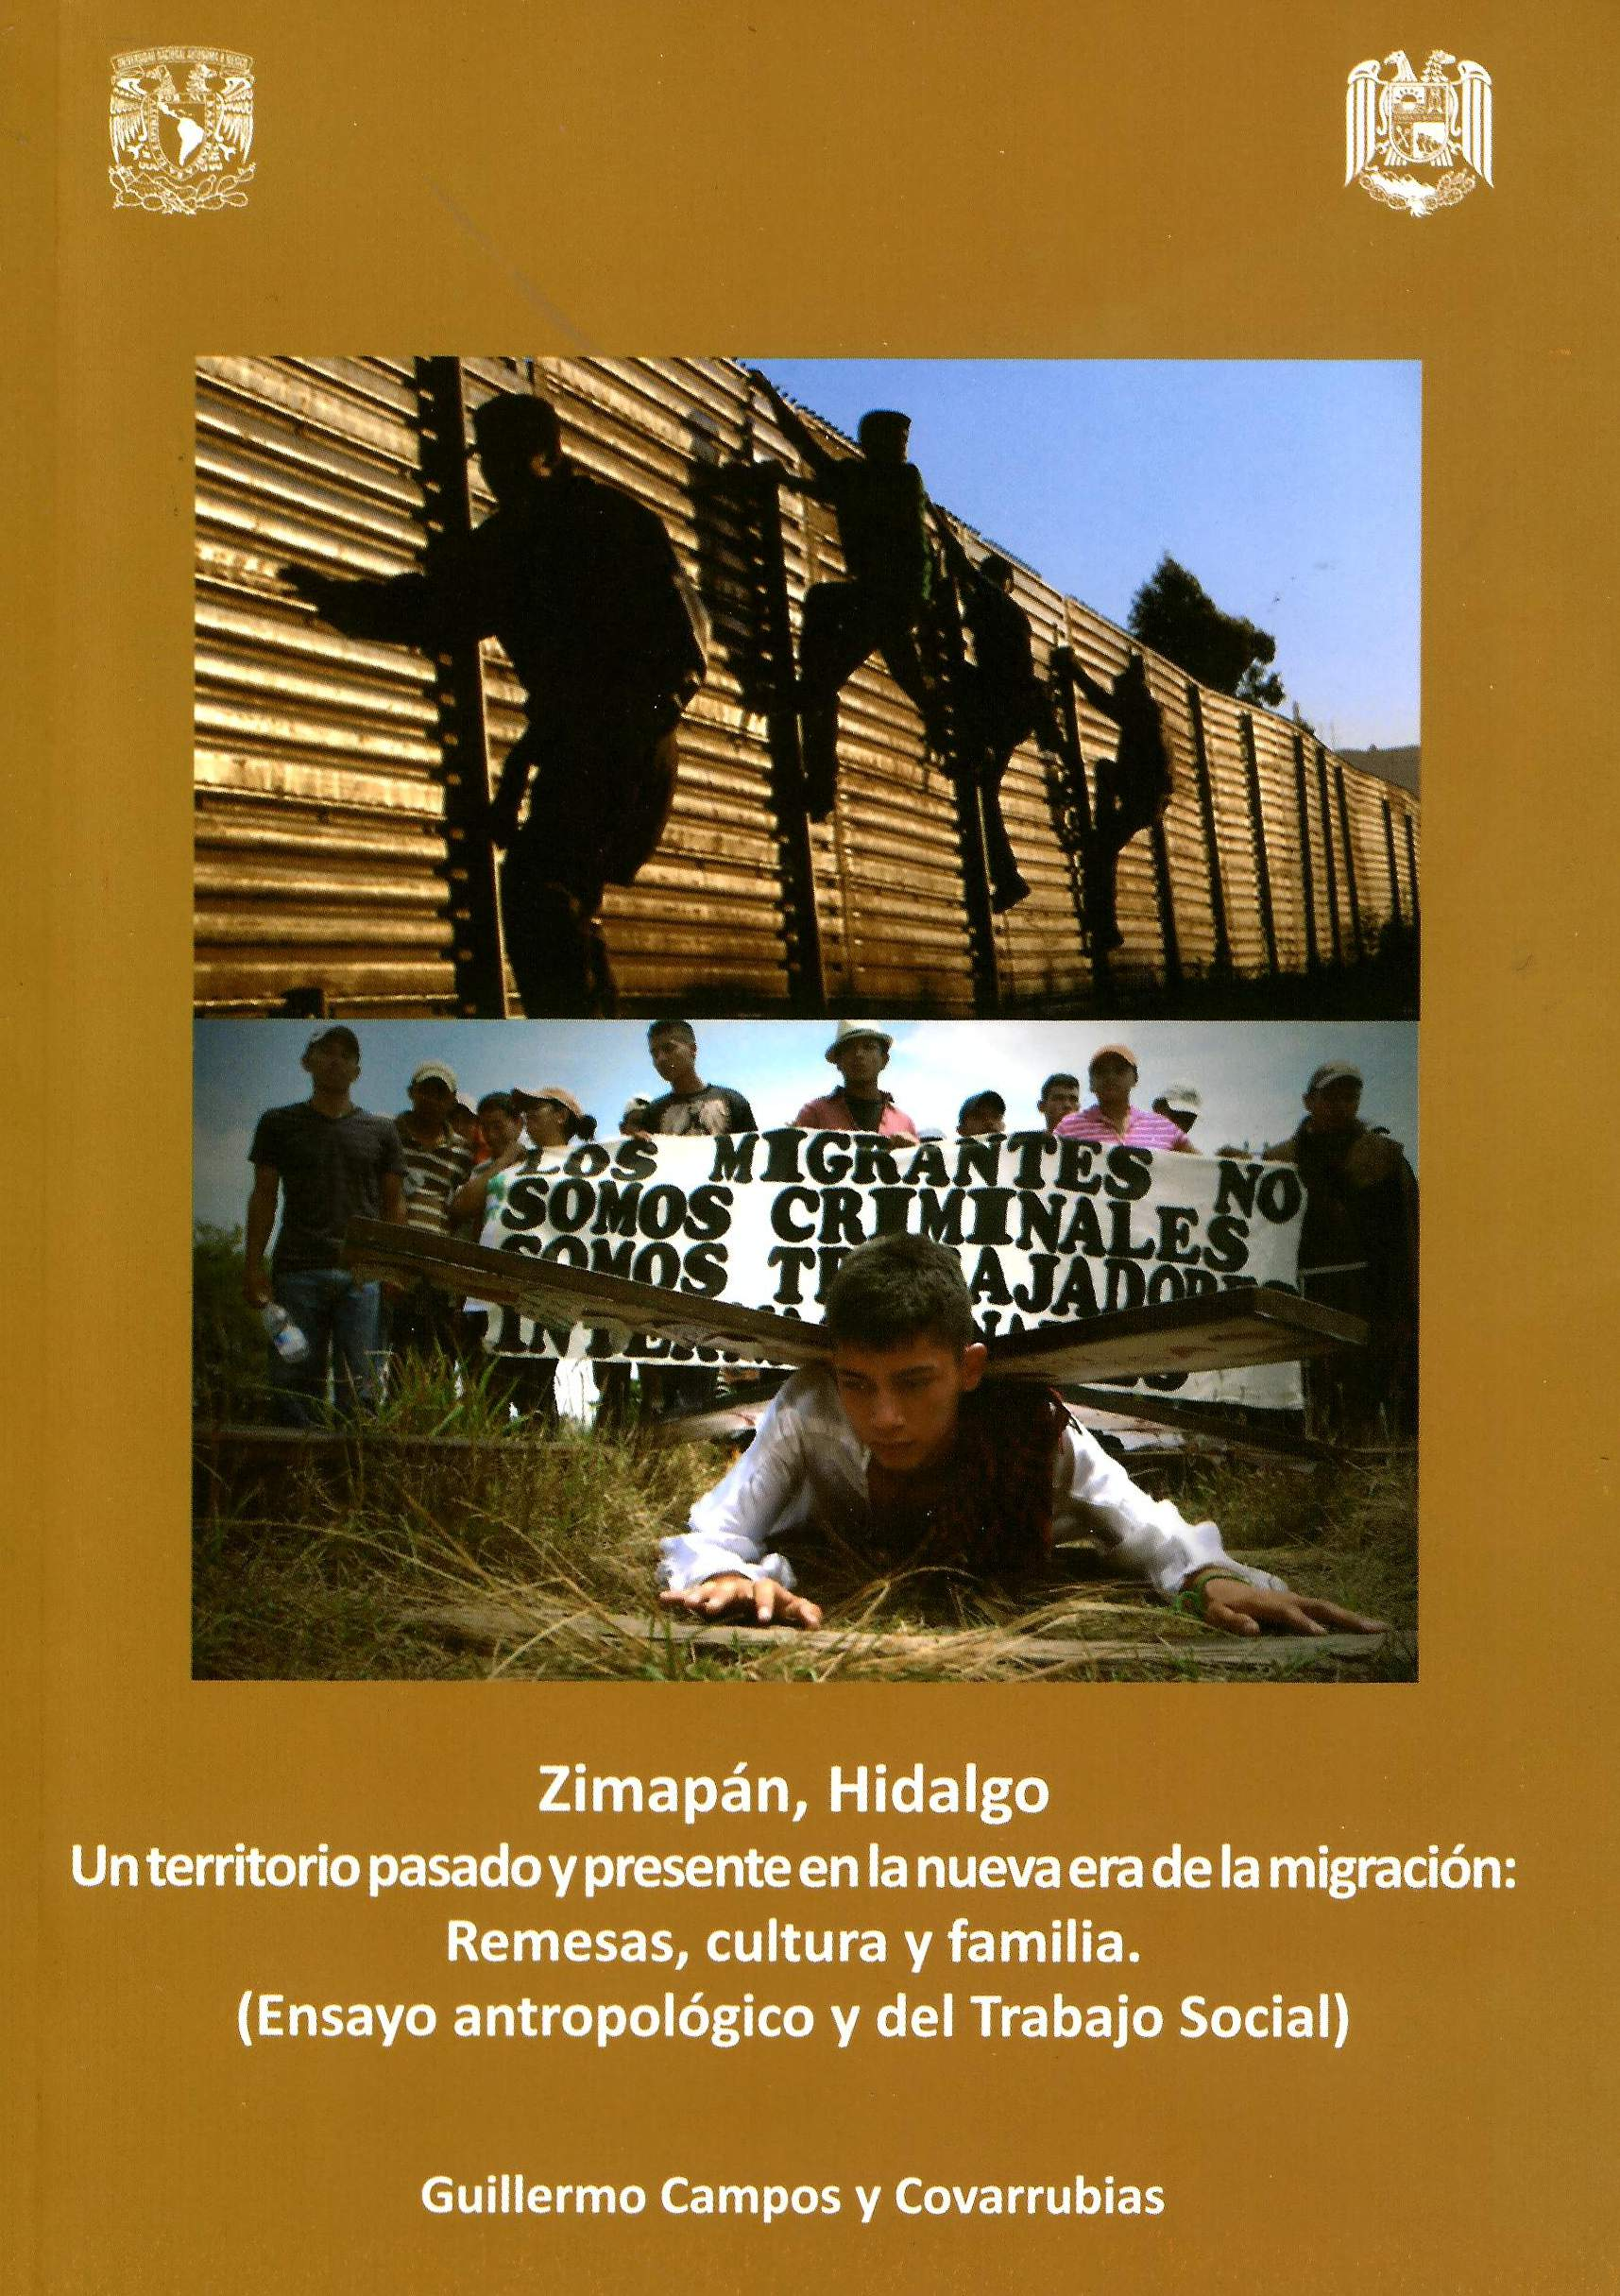 Zimapán, Hidalgo. Un territorio pasado y presente en la nueva era de la migración: remesas, cultura y familia (Ensayo antropológico y del Trabajo Social)